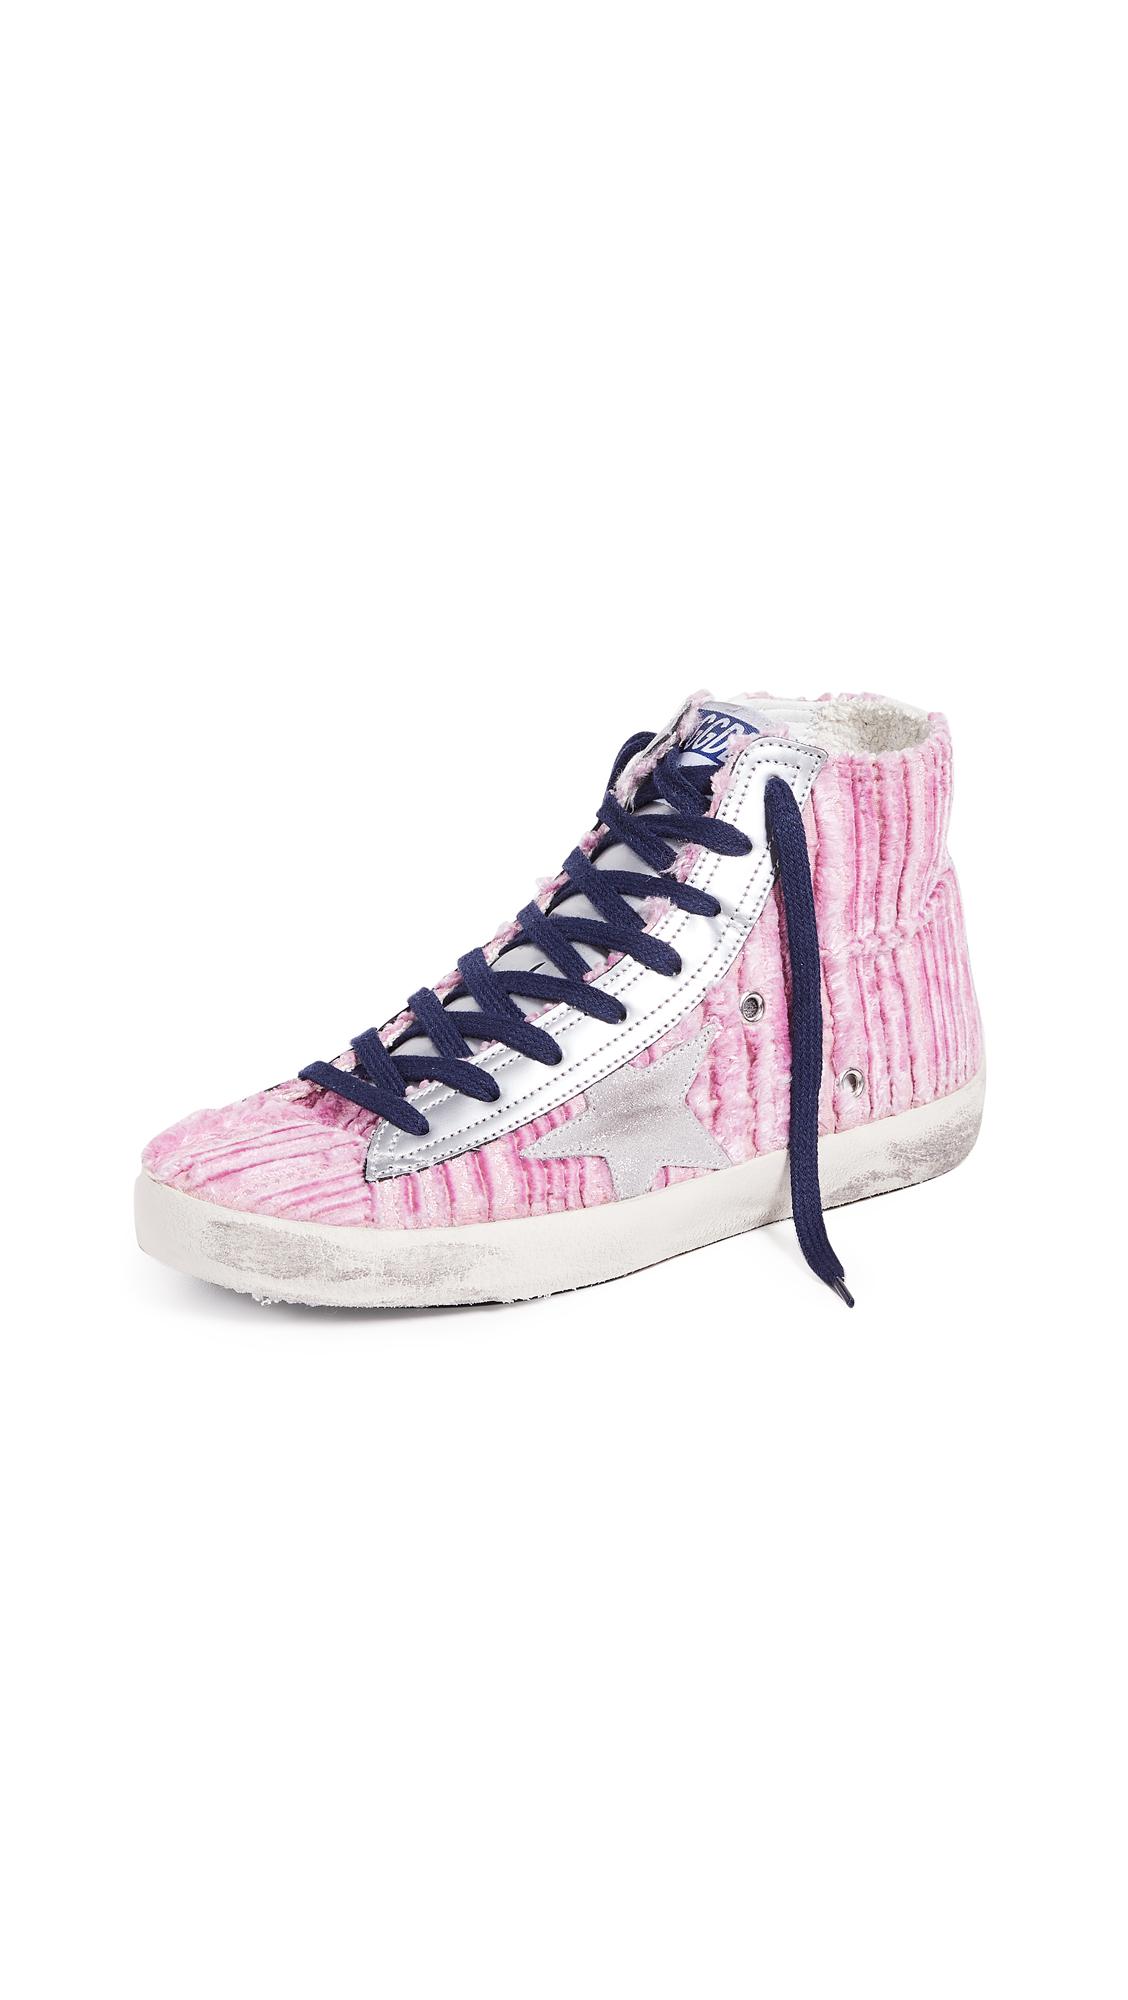 Golden Goose Francy Sneakers - Pink/Pink